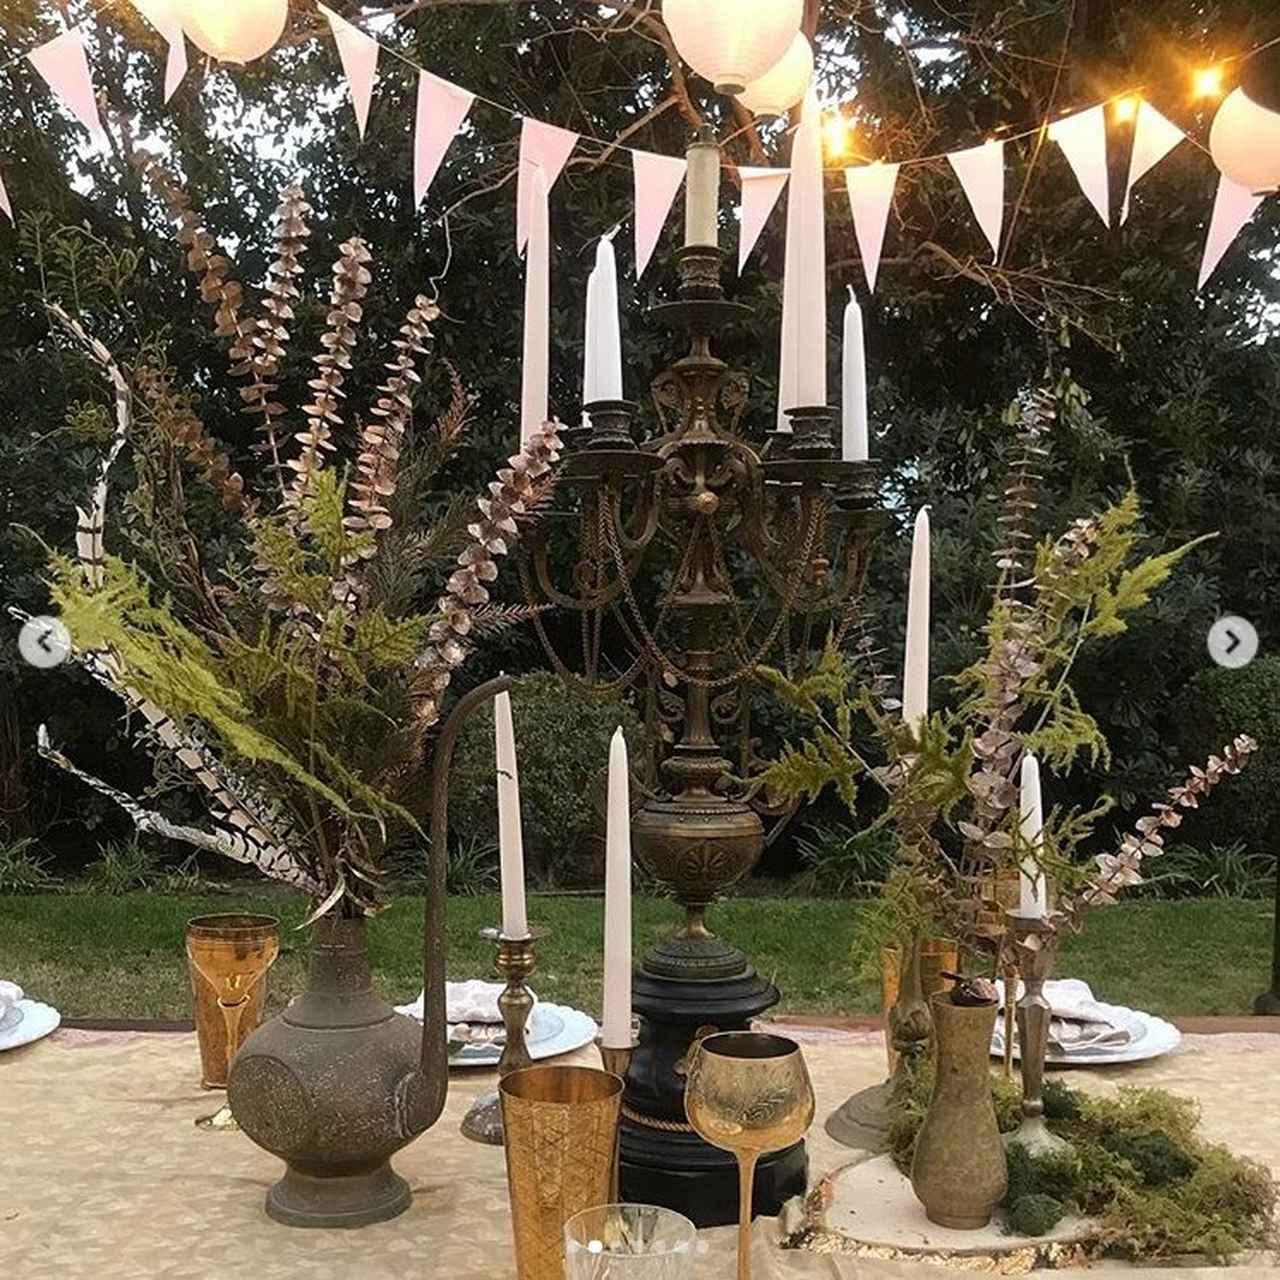 画像2: ヴァネッサ・ハジェンズの誕生会がまるで『ロード・オブ・ザ・リング』の世界